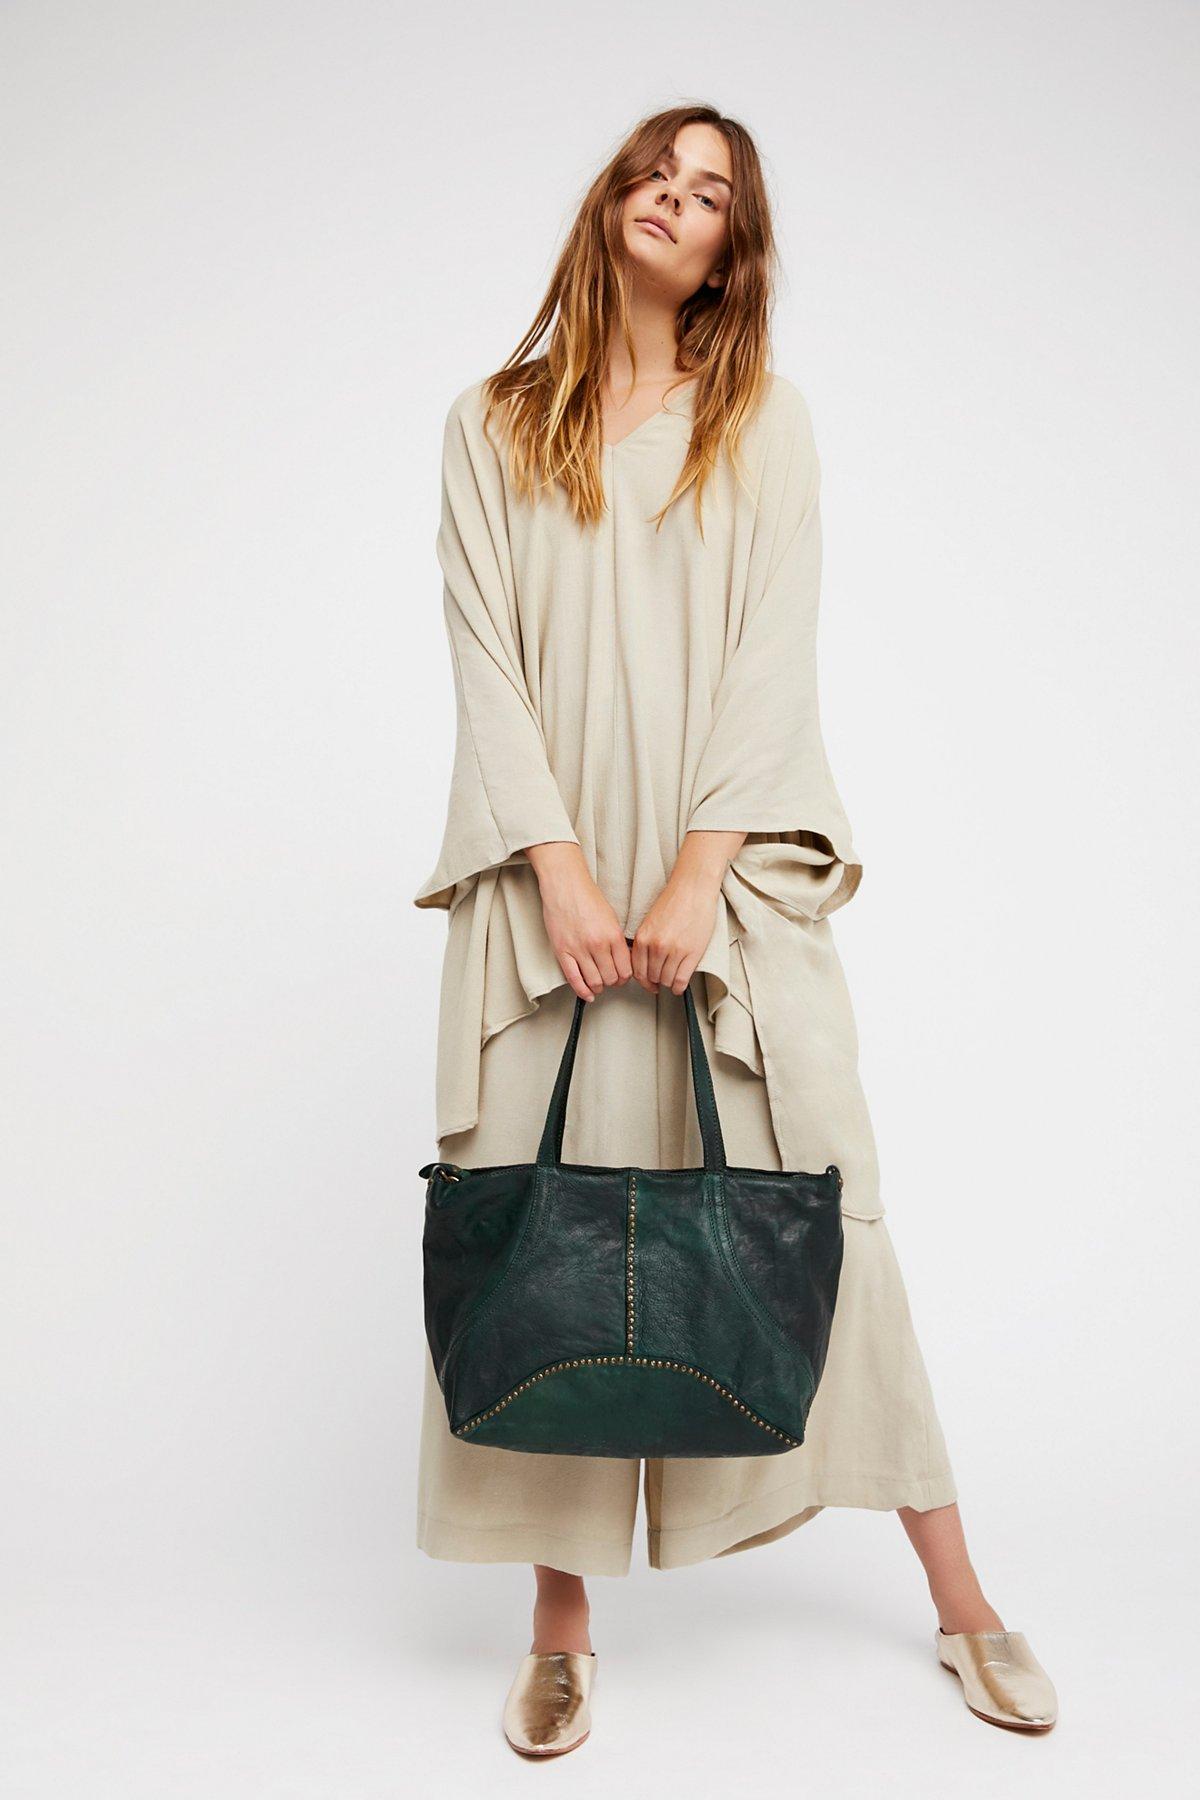 Sardinia皮革手提包